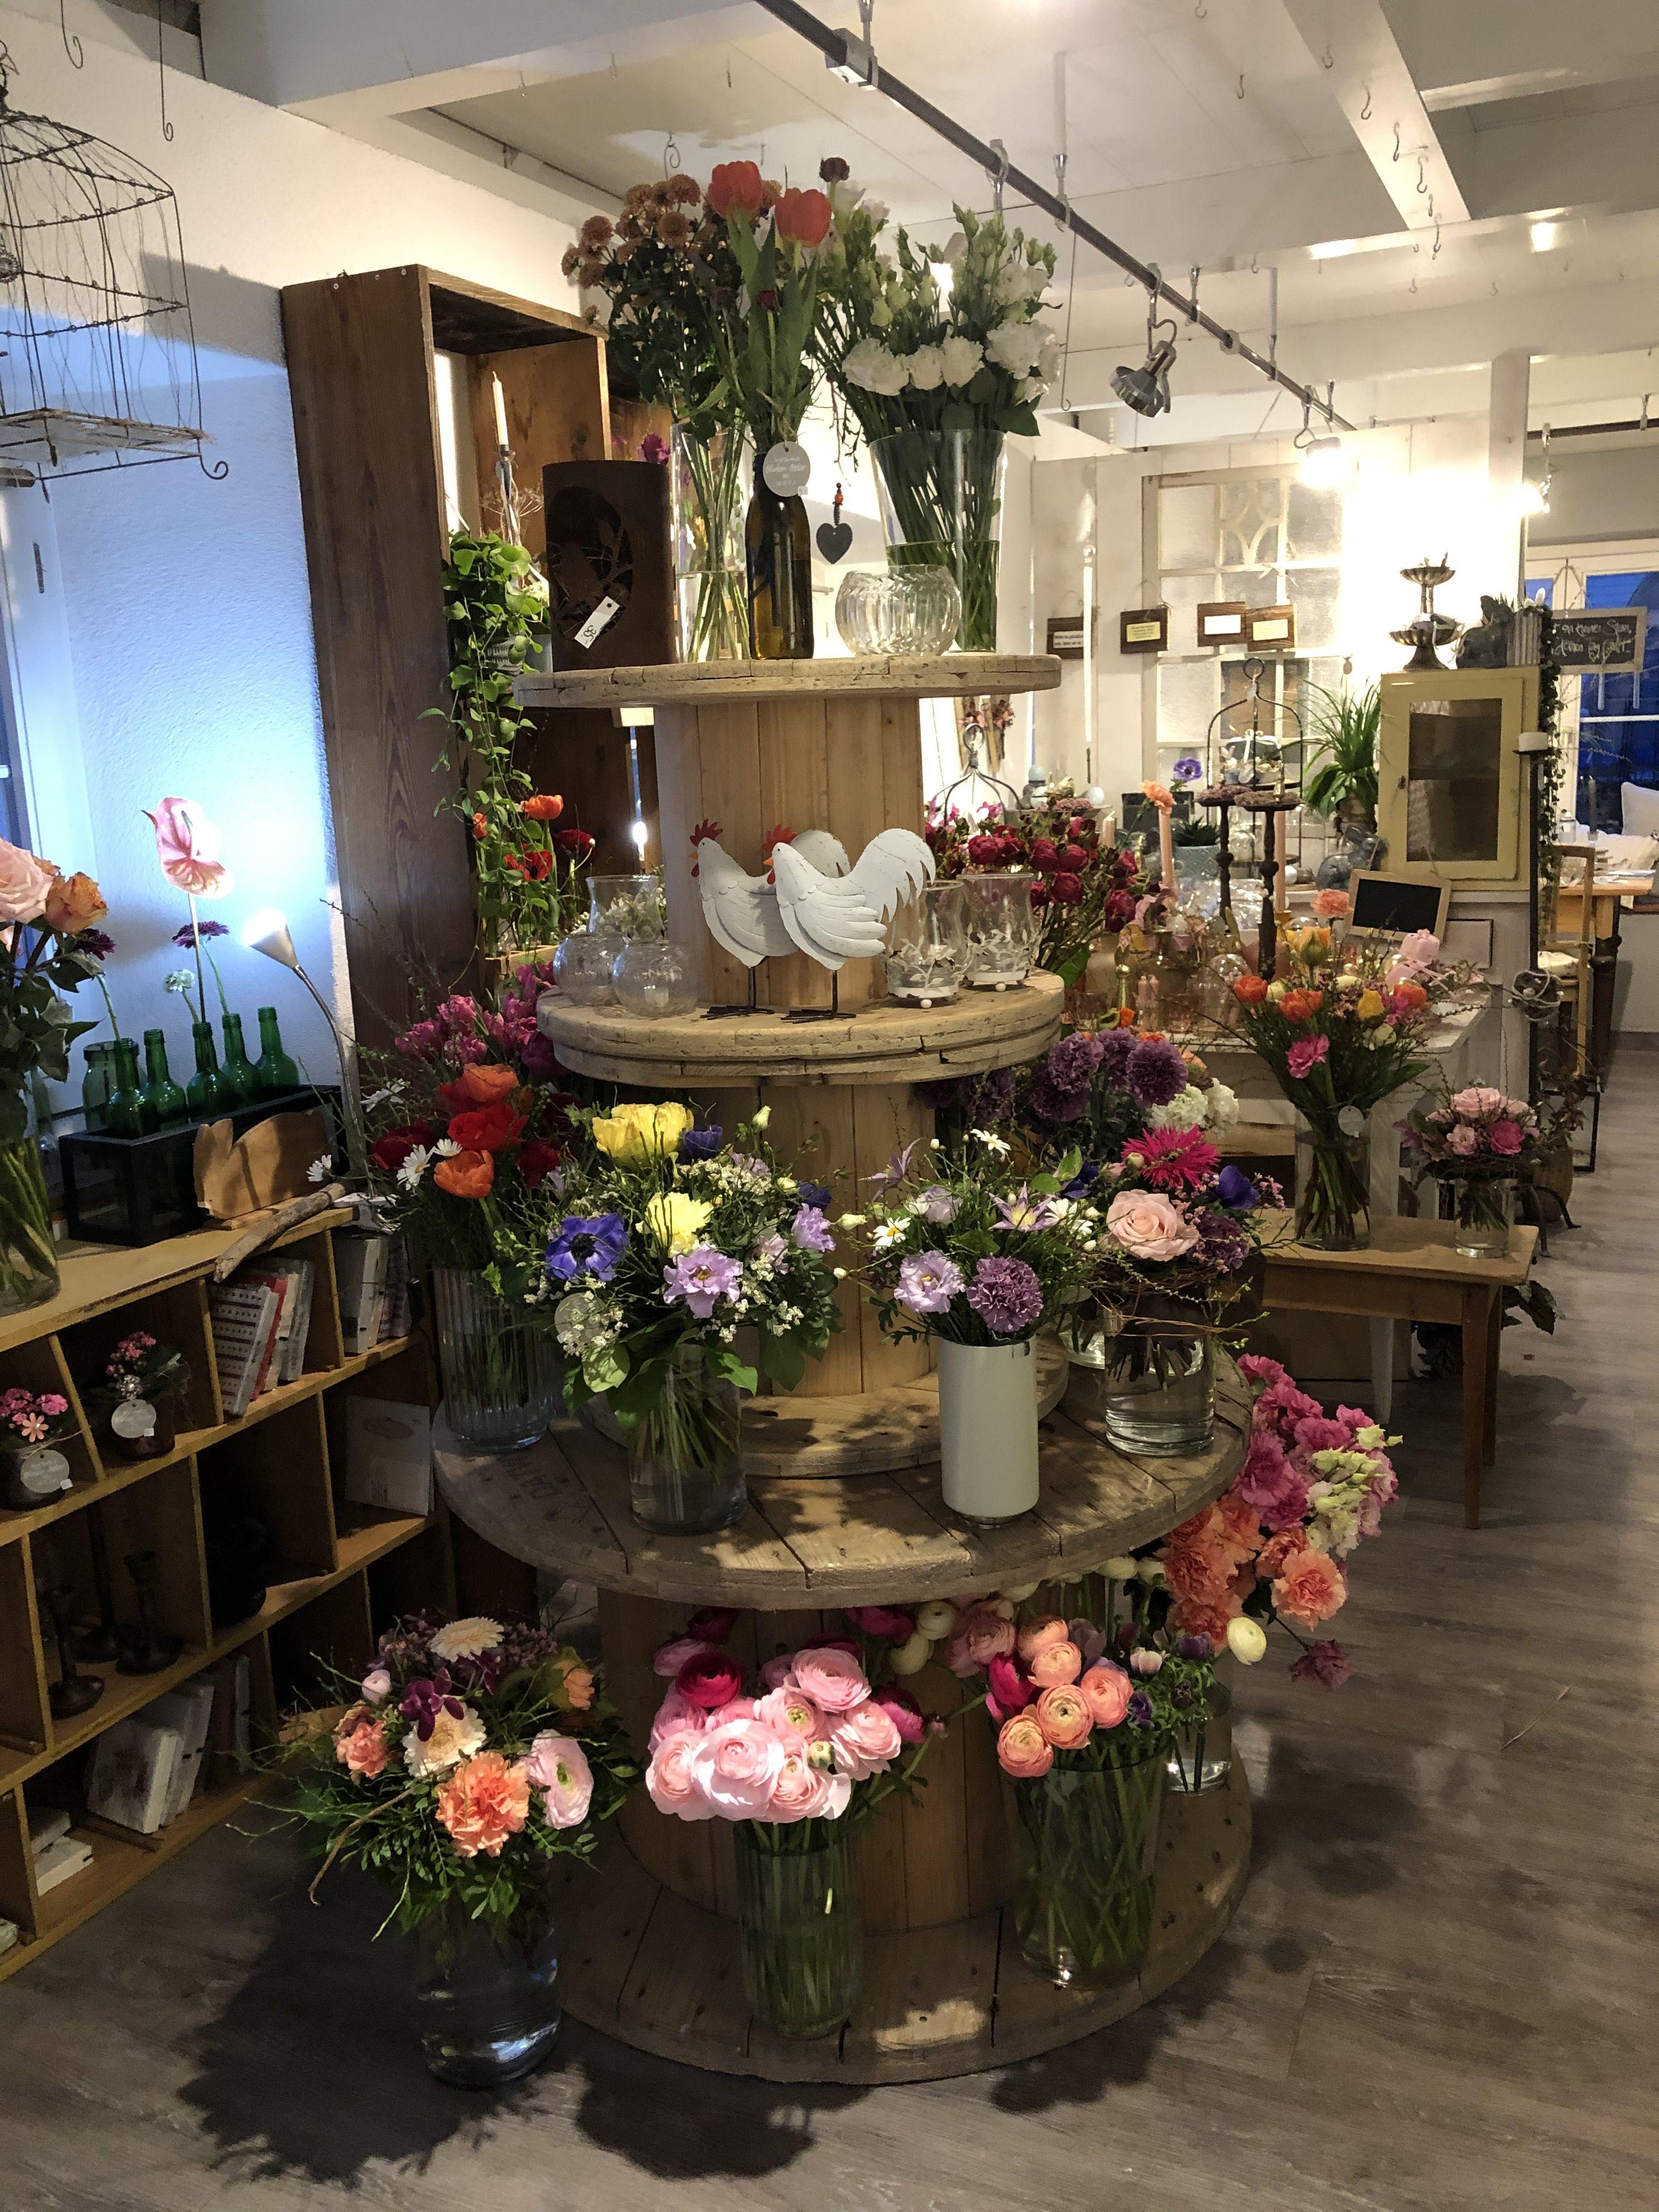 Blumenladen Einrichten Kabeltrommel Blumen Kabelrolle Blumenstrauss Blumenladen Blumengeschaft Einrichtung